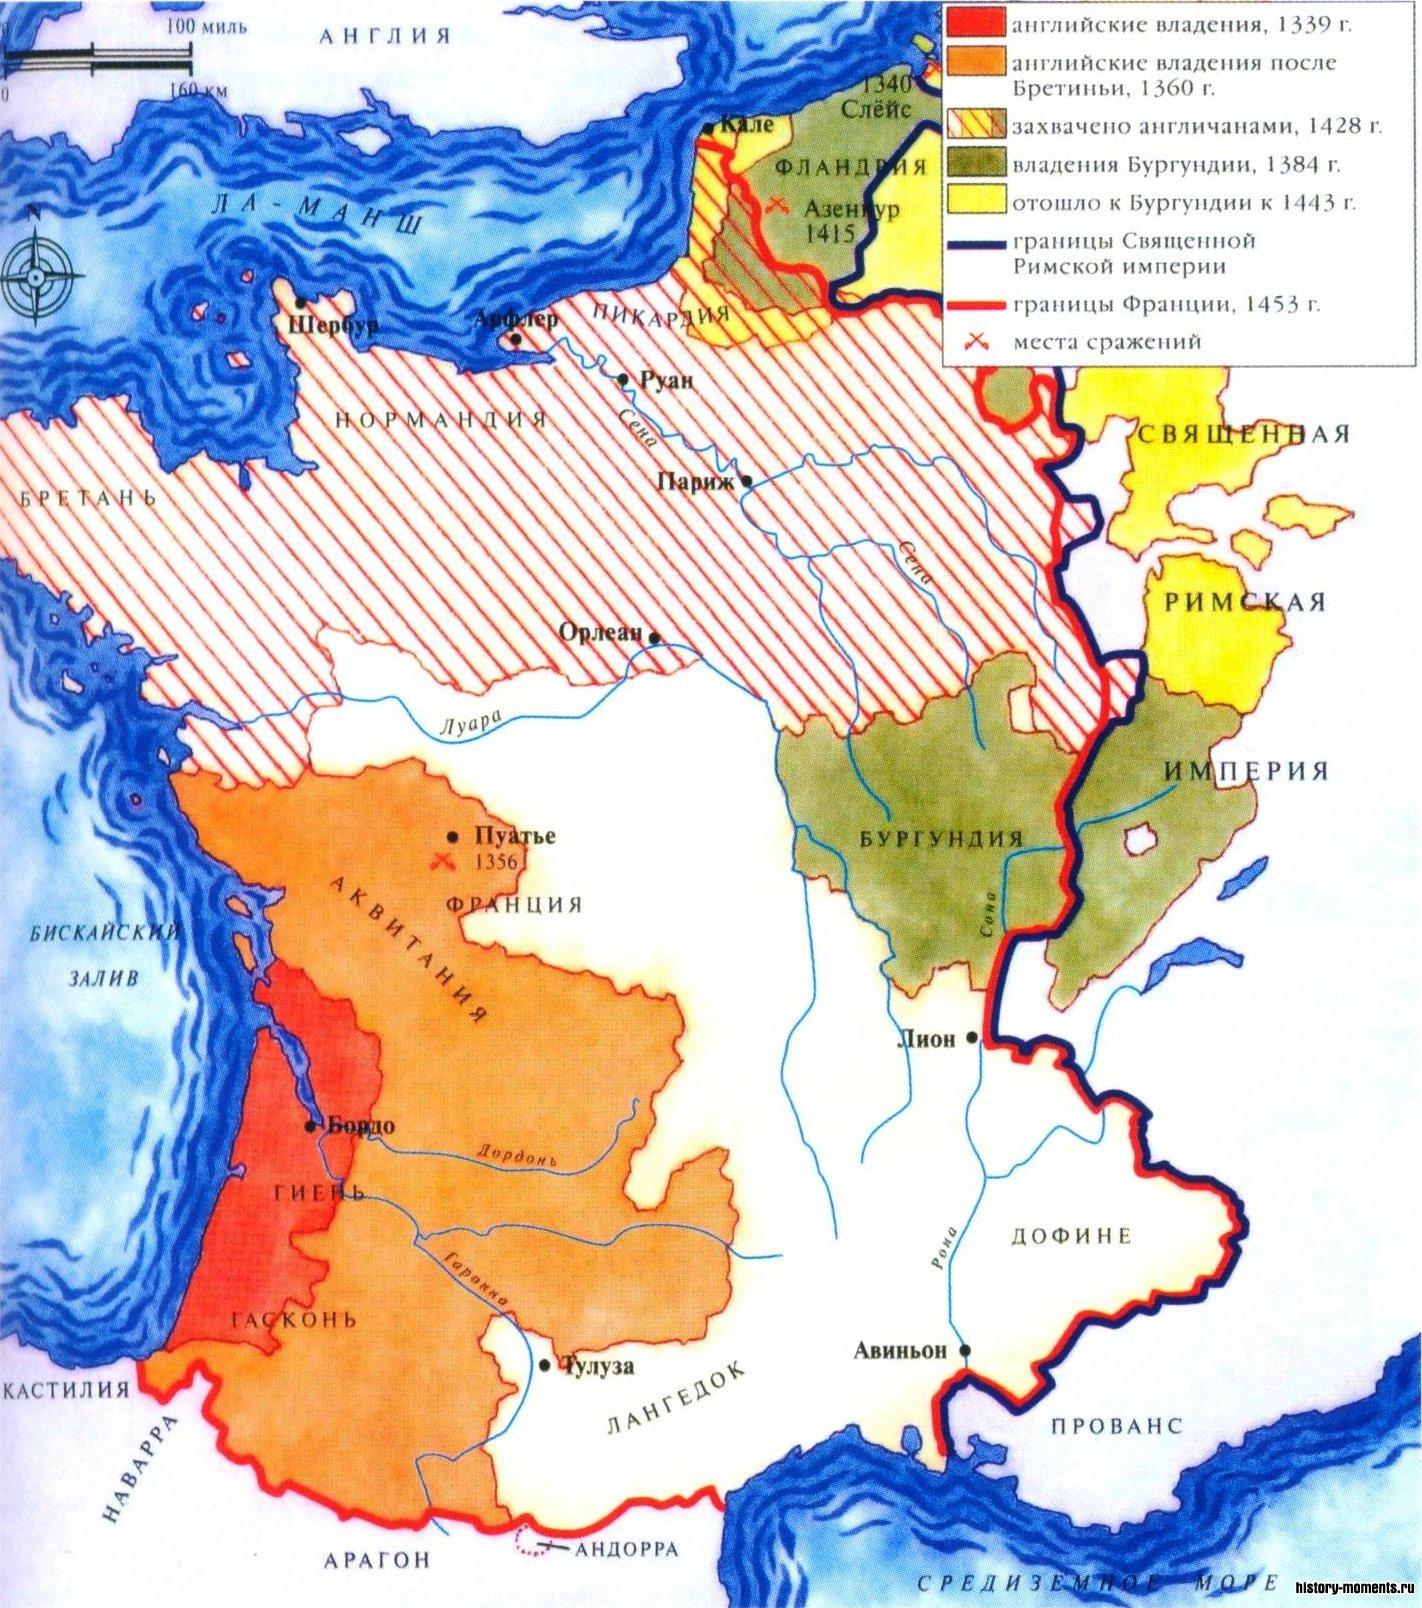 В Столетней войне Франция отстояла свою независимость от Англии. Поворотным пунктом стала победа Жанны д'Арк под Орлеаном в 1429 г., однако бои продолжались до 1453 г.